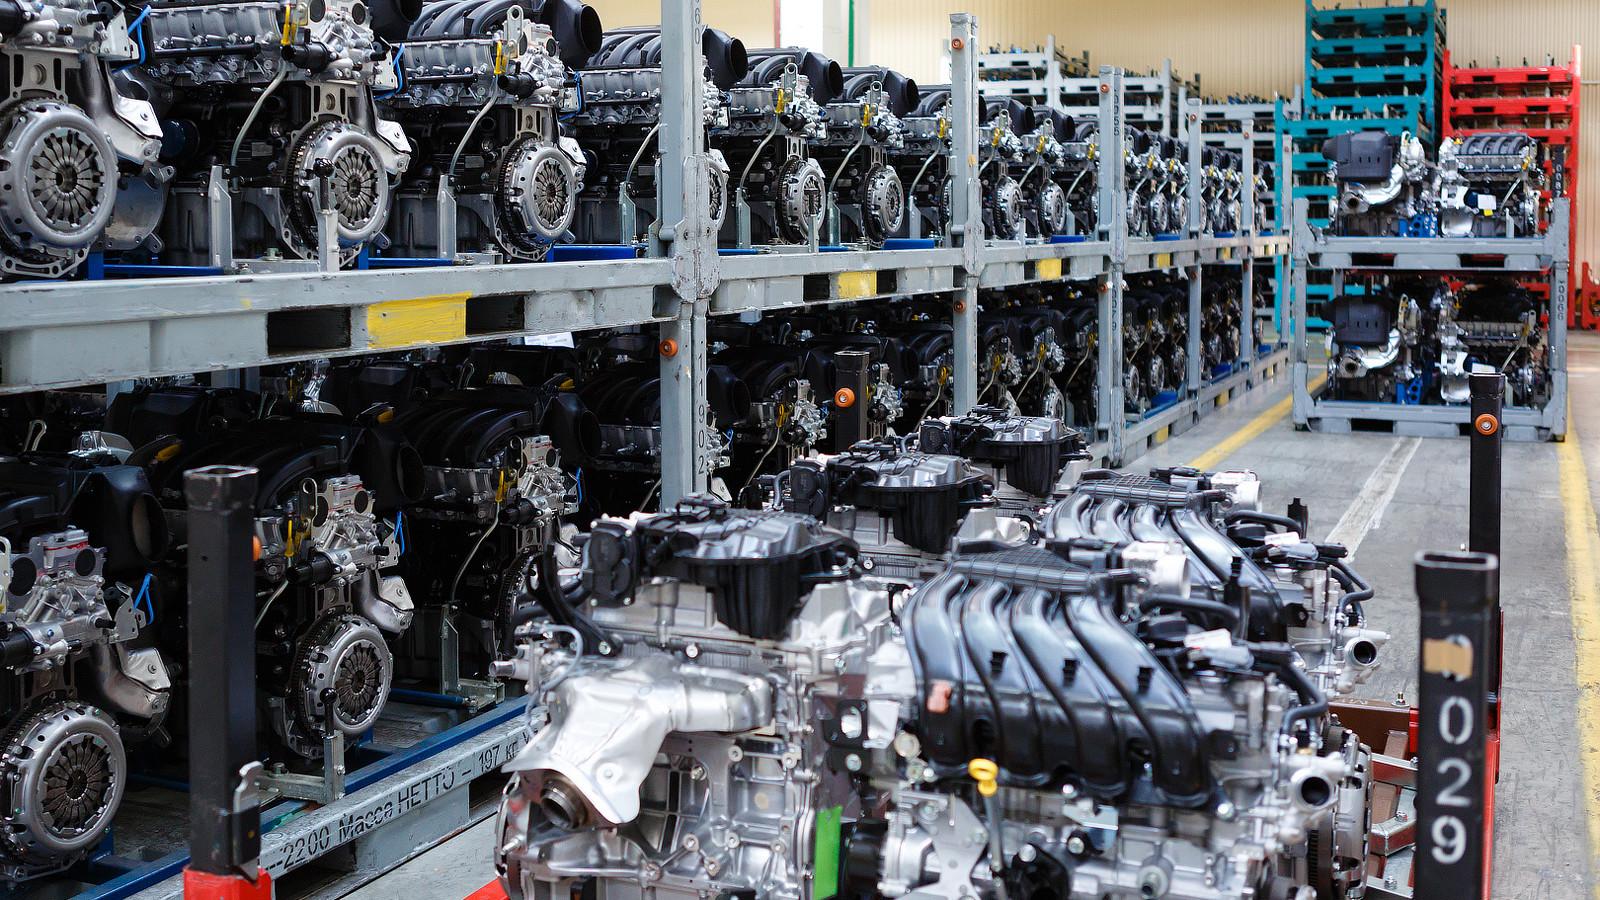 Компании волжский автомобильный завод и Рэно запросили у русского руководства масштабную госпомощь